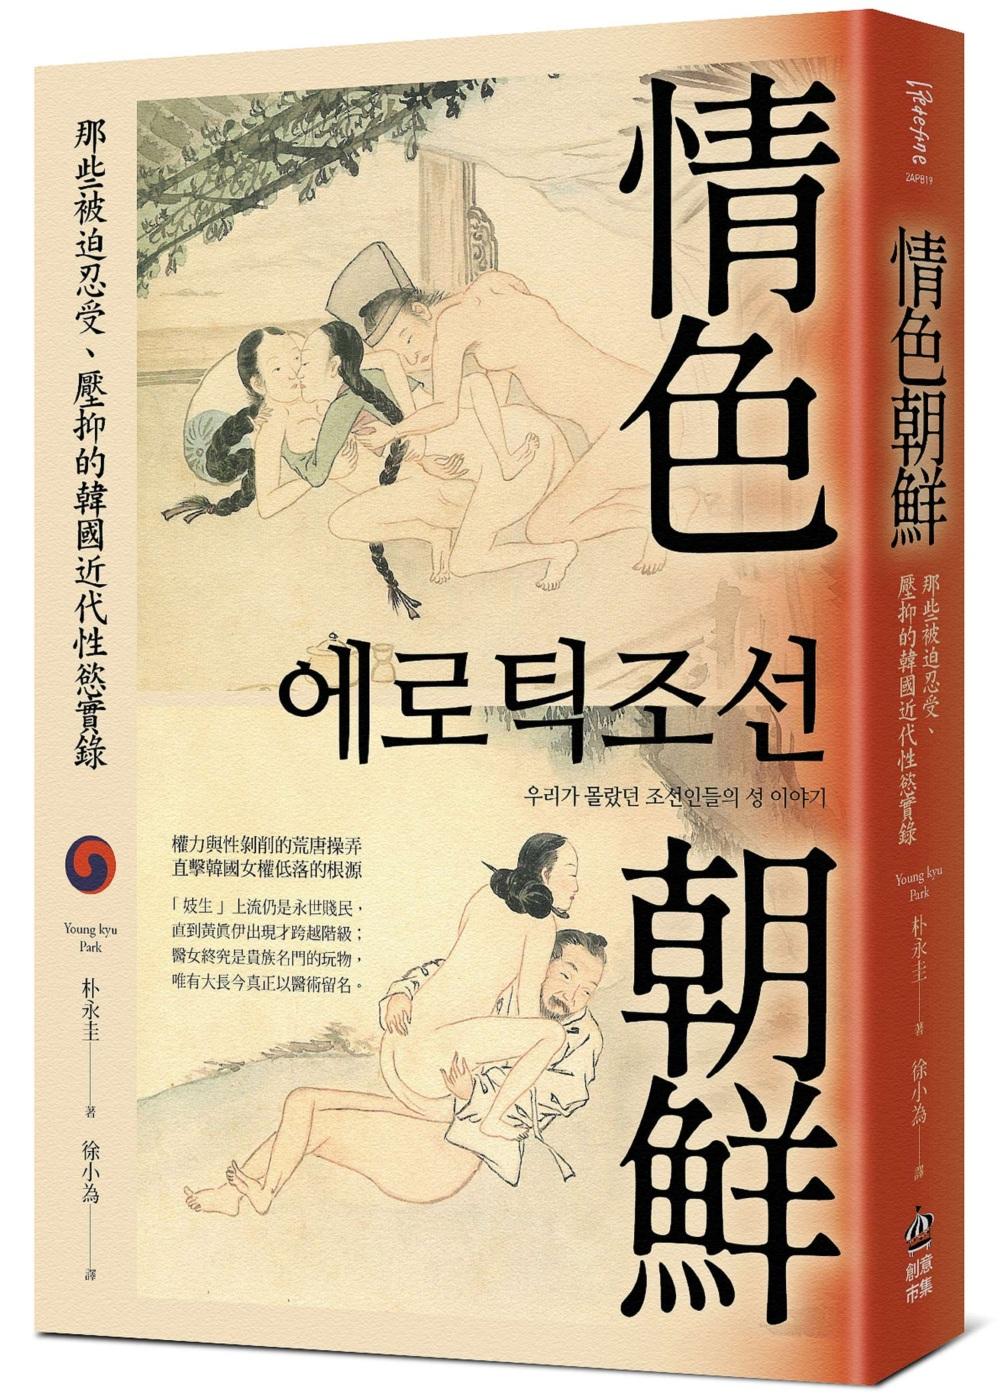 情色朝鮮:那些被迫忍受、壓抑的...